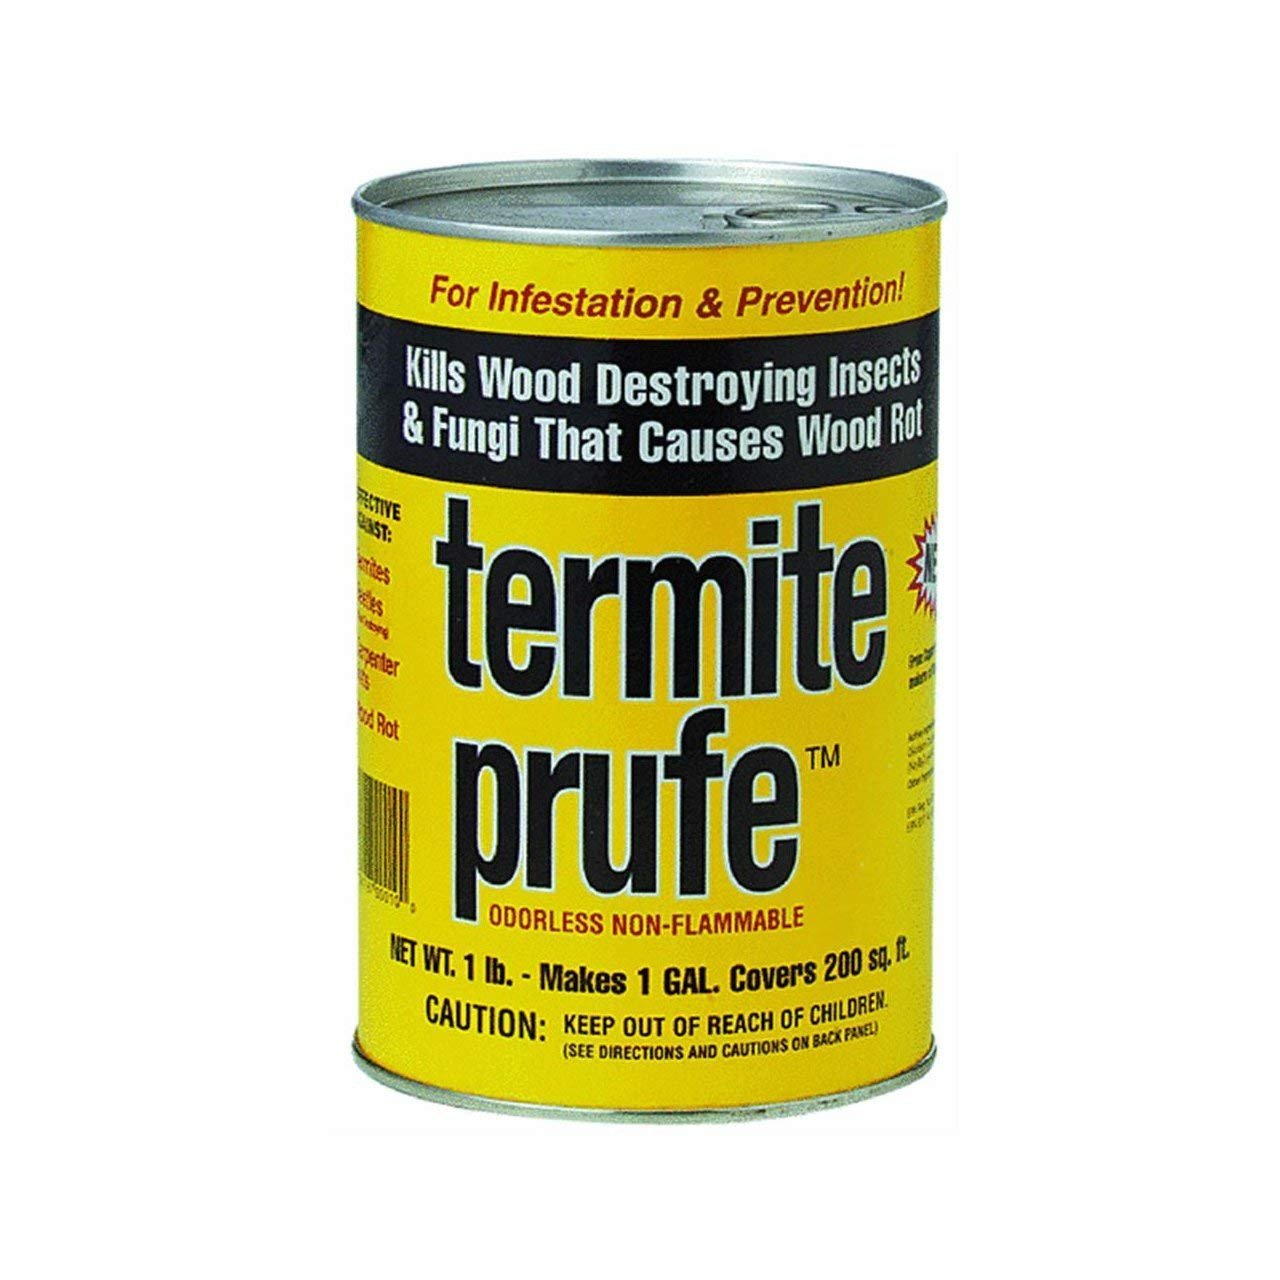 Termite Prufe 1 Lb. Powder Makes 1 Gal. HDW18-1